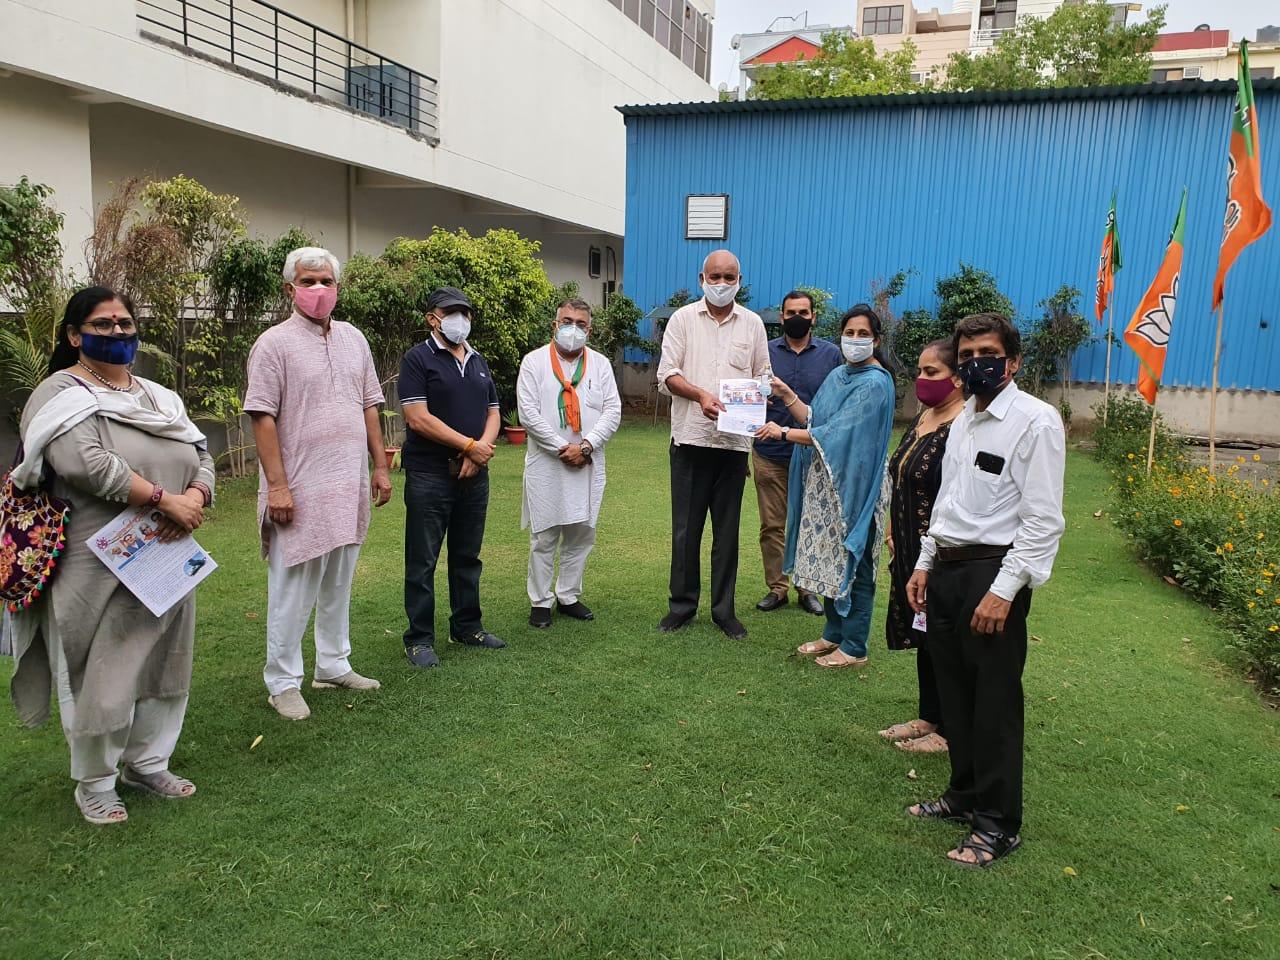 सरस्वती मंडल भाजपा ने मास्क,सेनिटाइजर वितरित कर मनाया सेवा दिवस